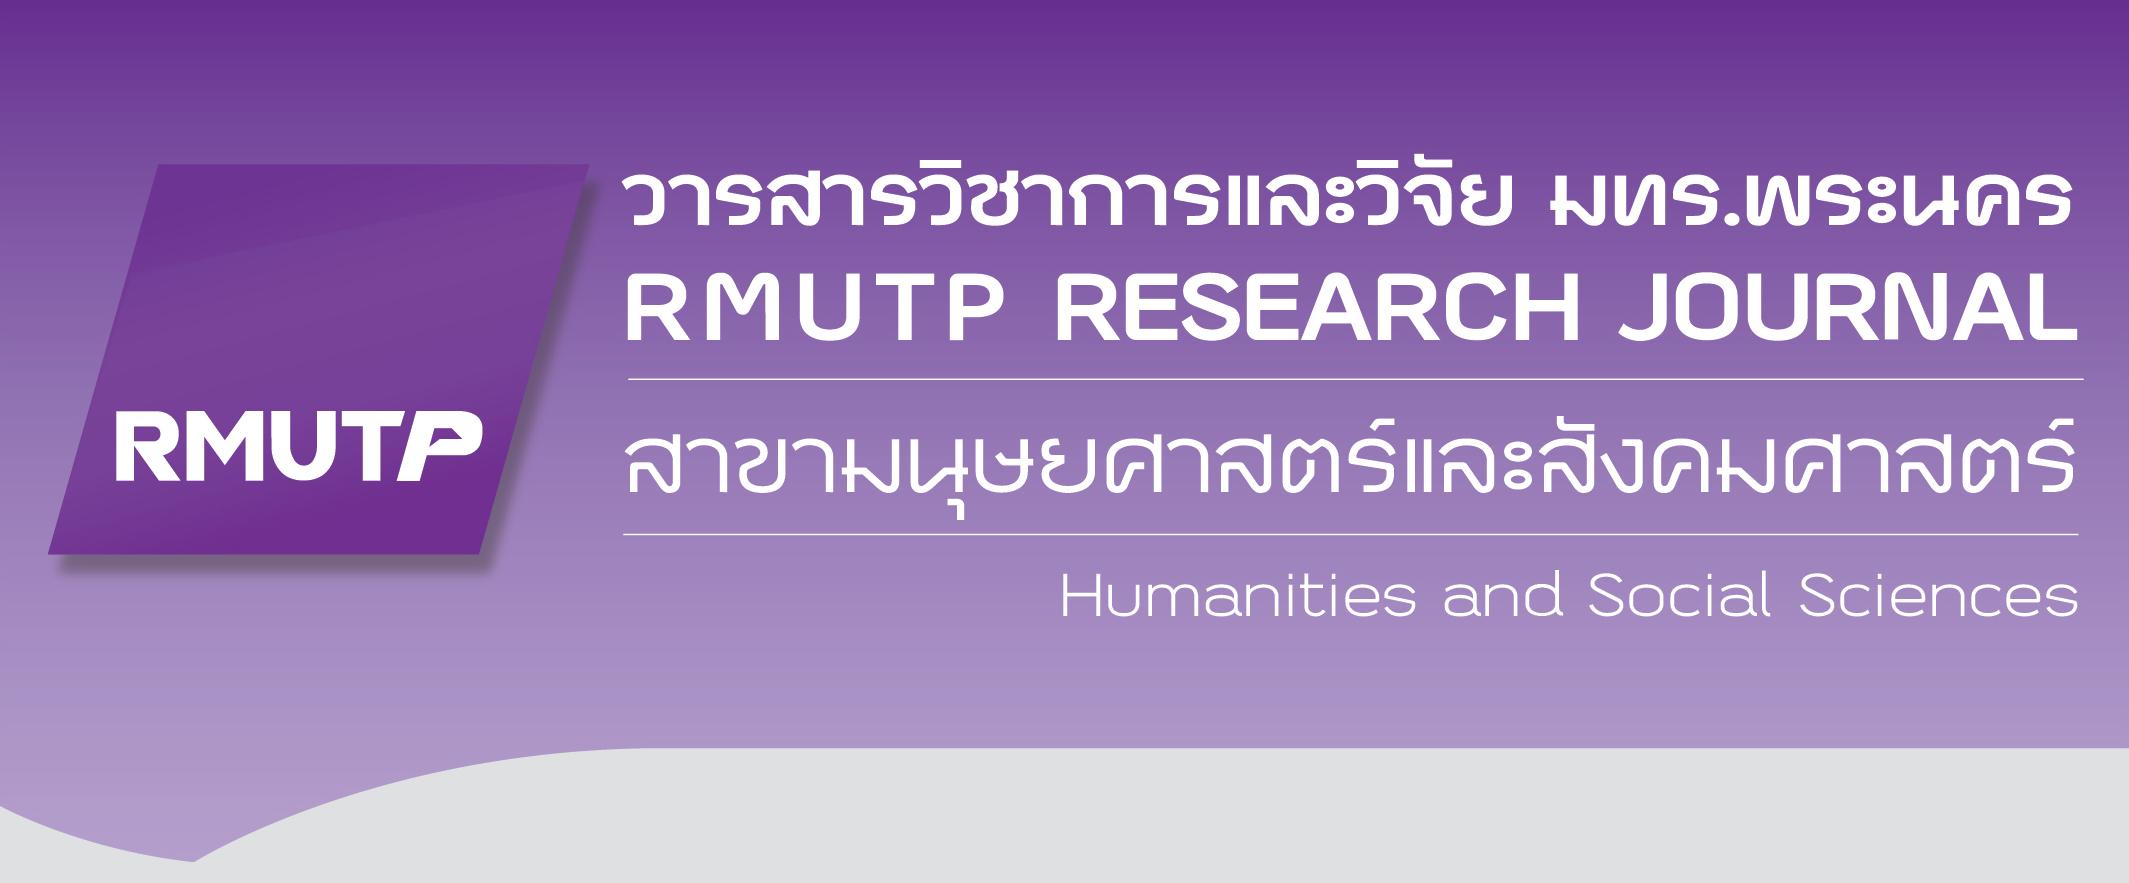 วารสารวิชาการและวิจัย สาขามนุษยศาสตร์และสังคมศาสตร์